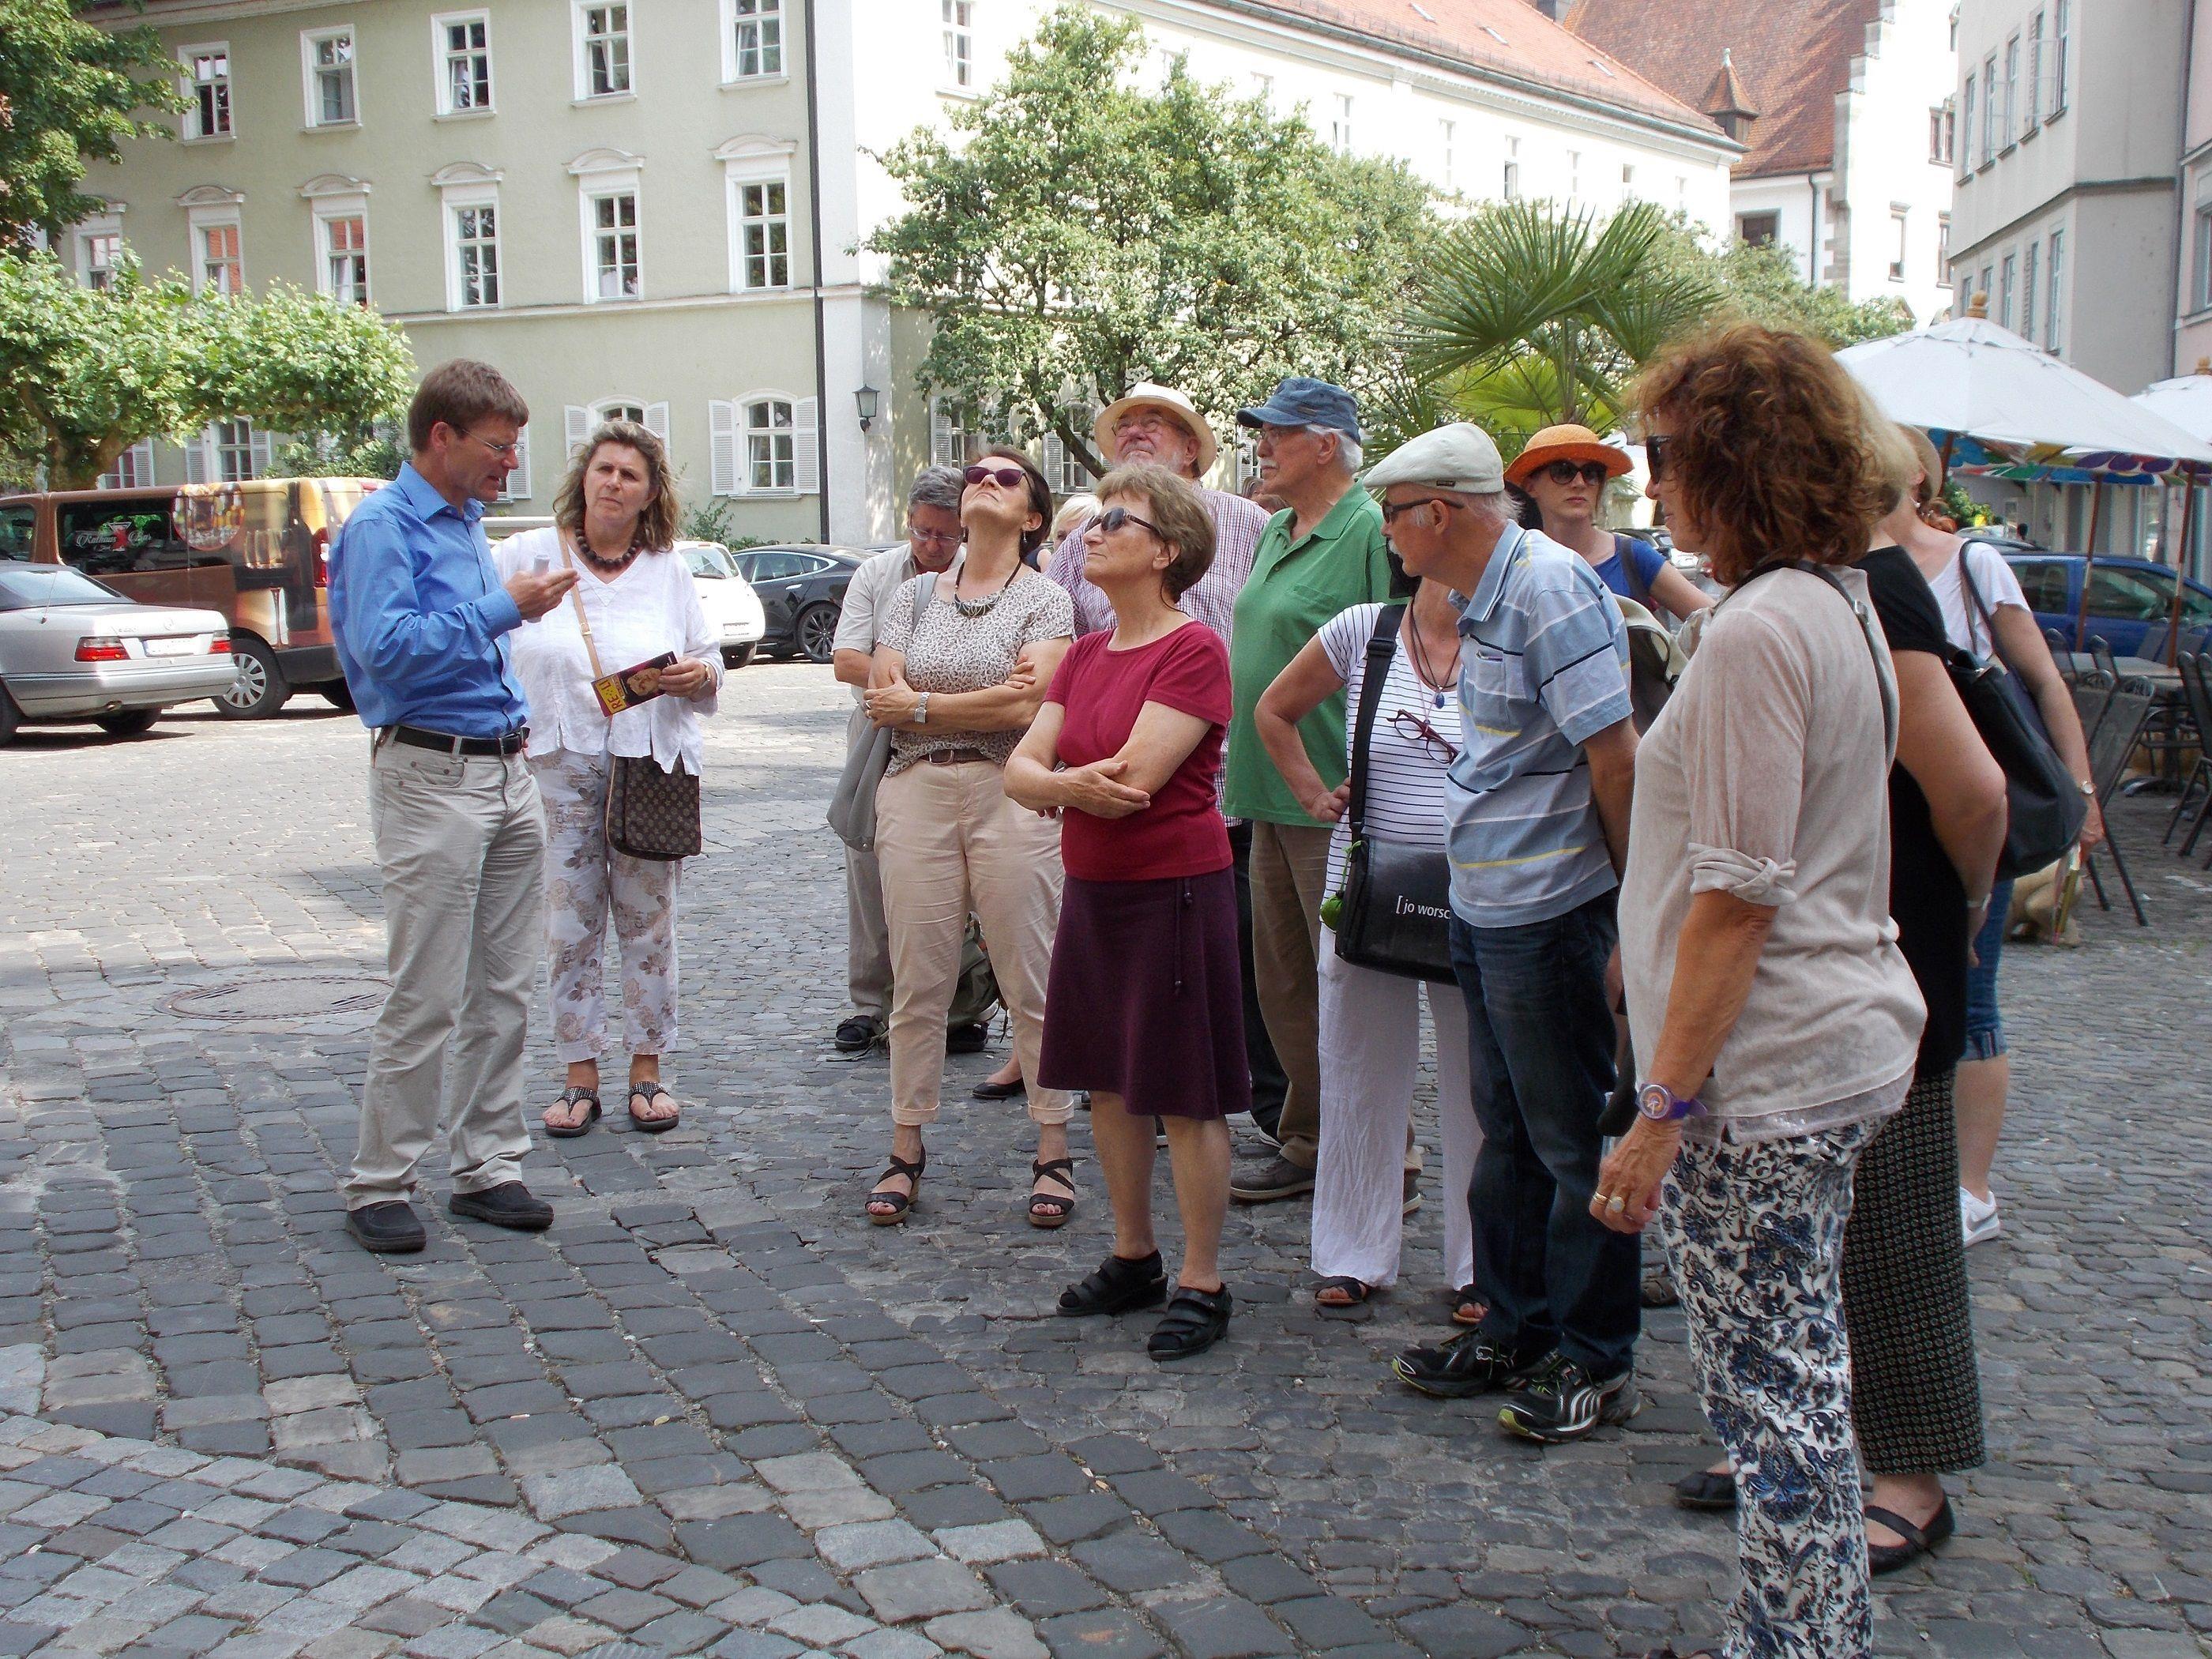 Mit großem Engagement erläutert Stadtarchivar Heiner Stauder die spannende Geschichte der Reformation in Lindau.